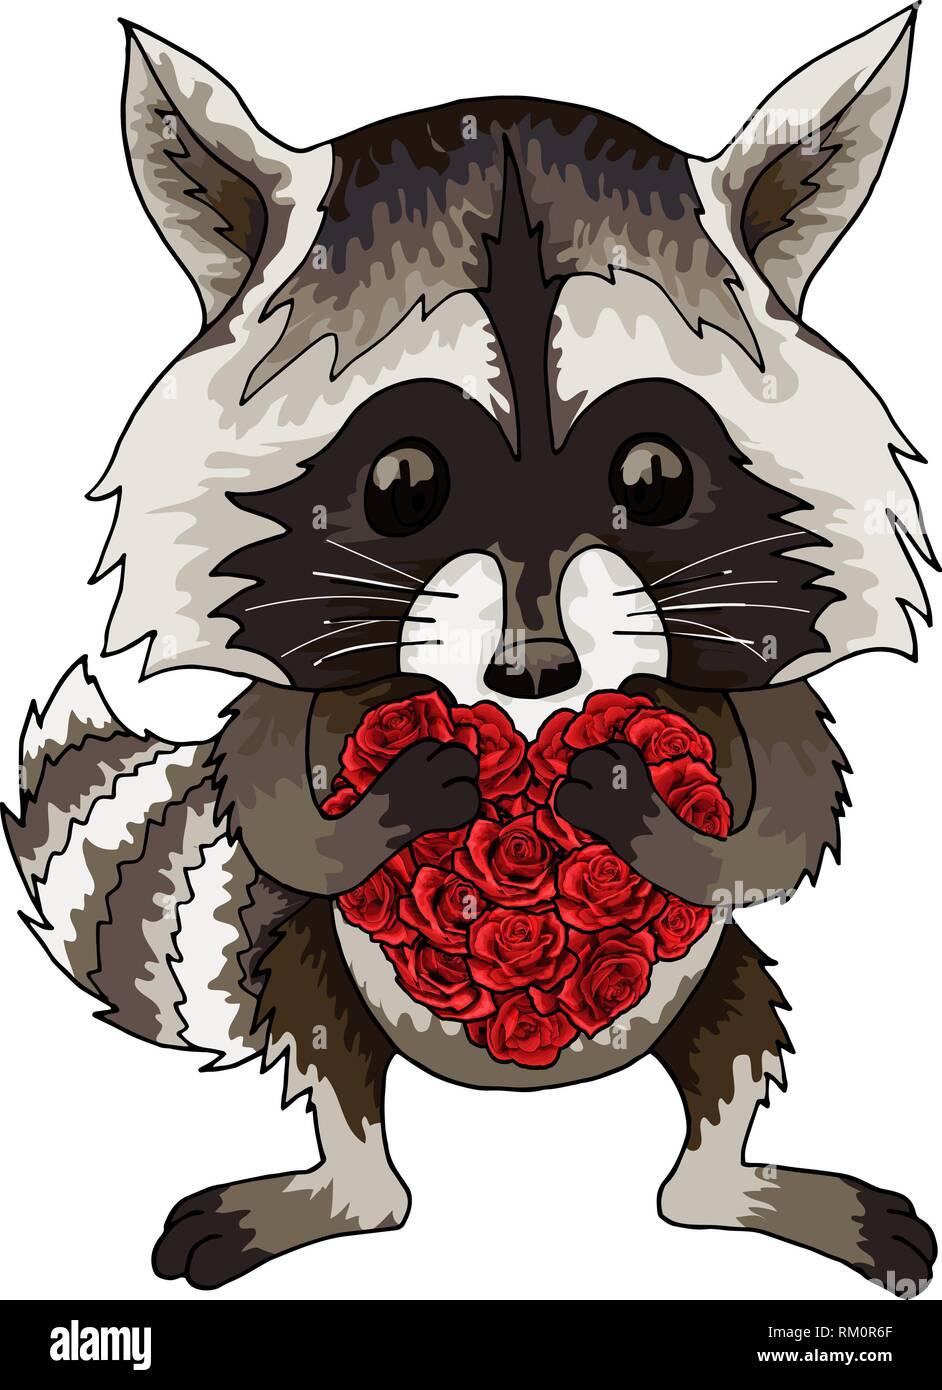 Waschbär Lustige Tier Mit Roten Rosen Herzen Cartoon Farbigen